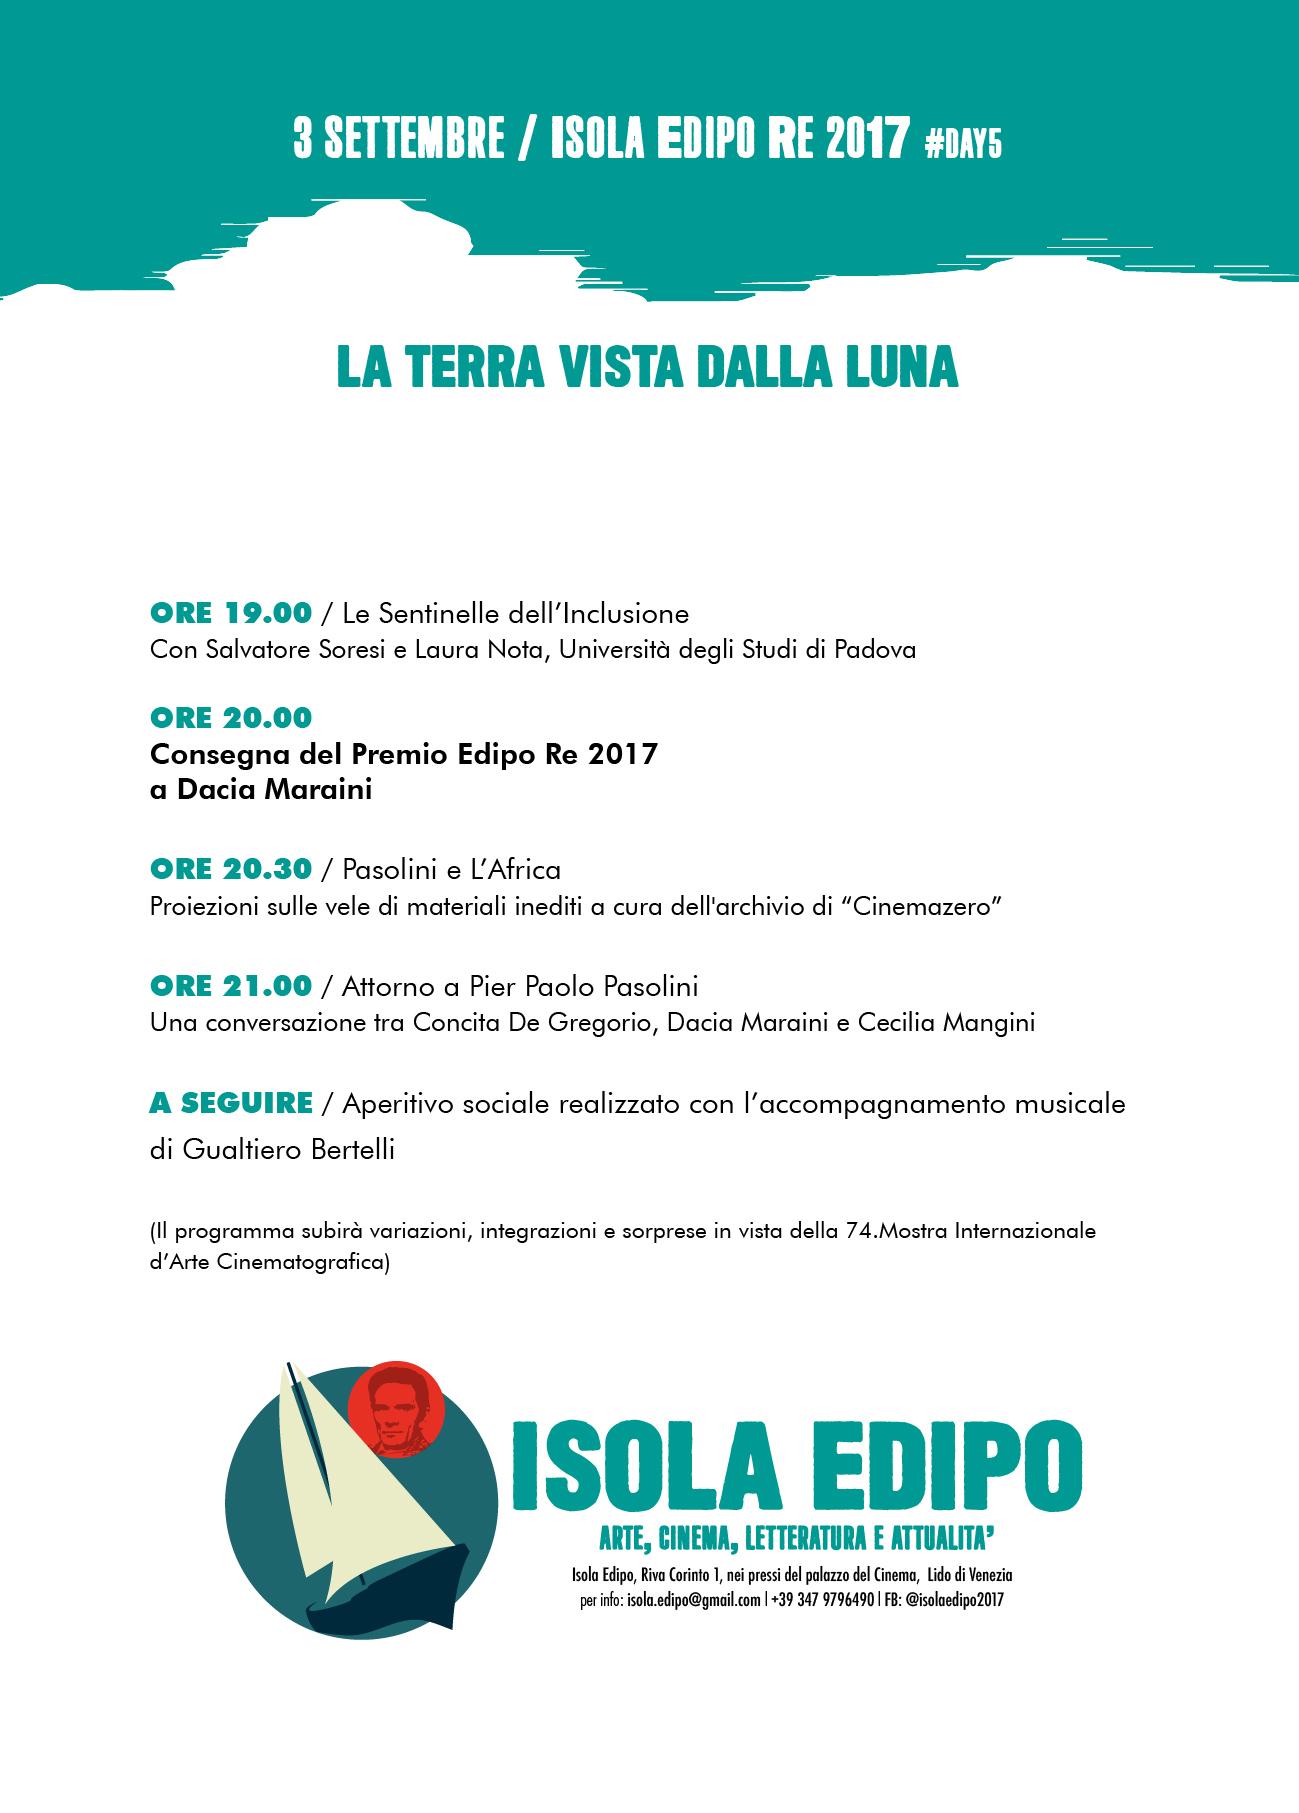 3 settembre Edipo_Programma_2-05